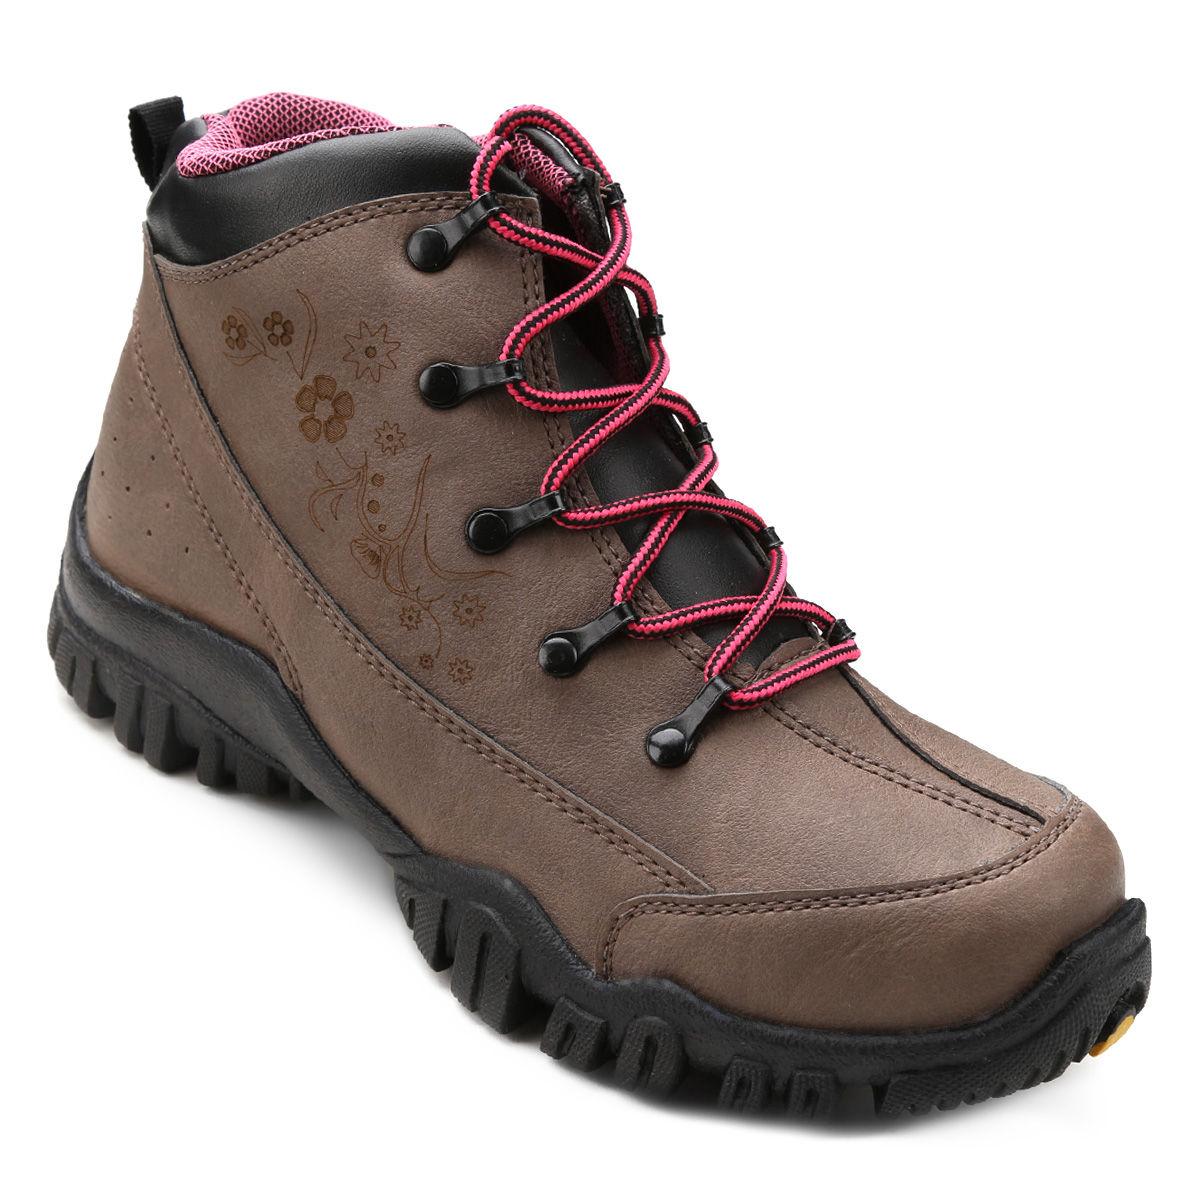 bota feminina - Netshoes - Bota Gonew Andes Feminina - R$ 89,90